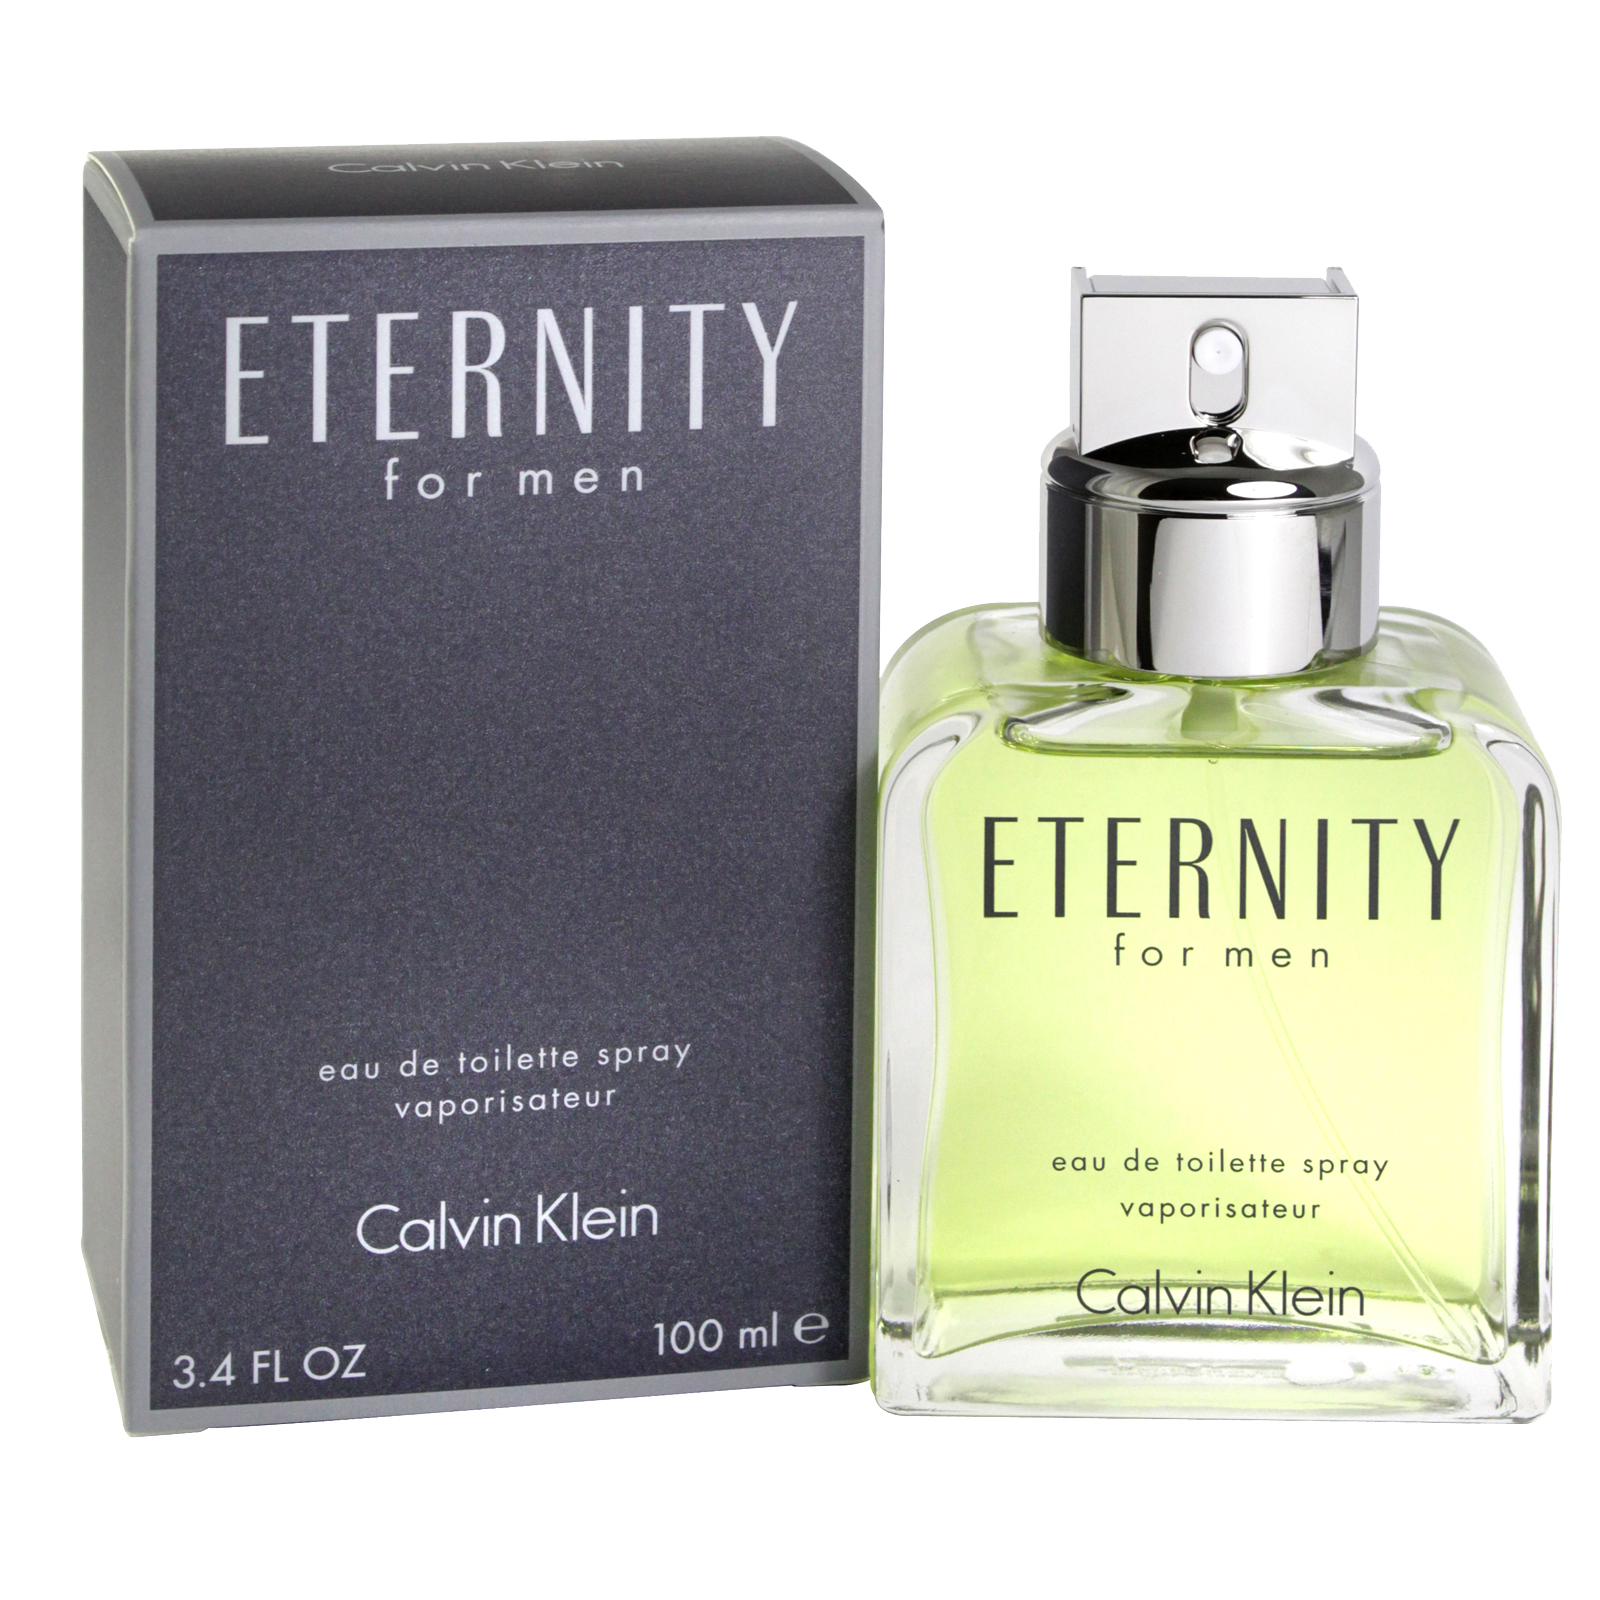 CK ETERNITY FOR MEN 100ML EDT SPRAY